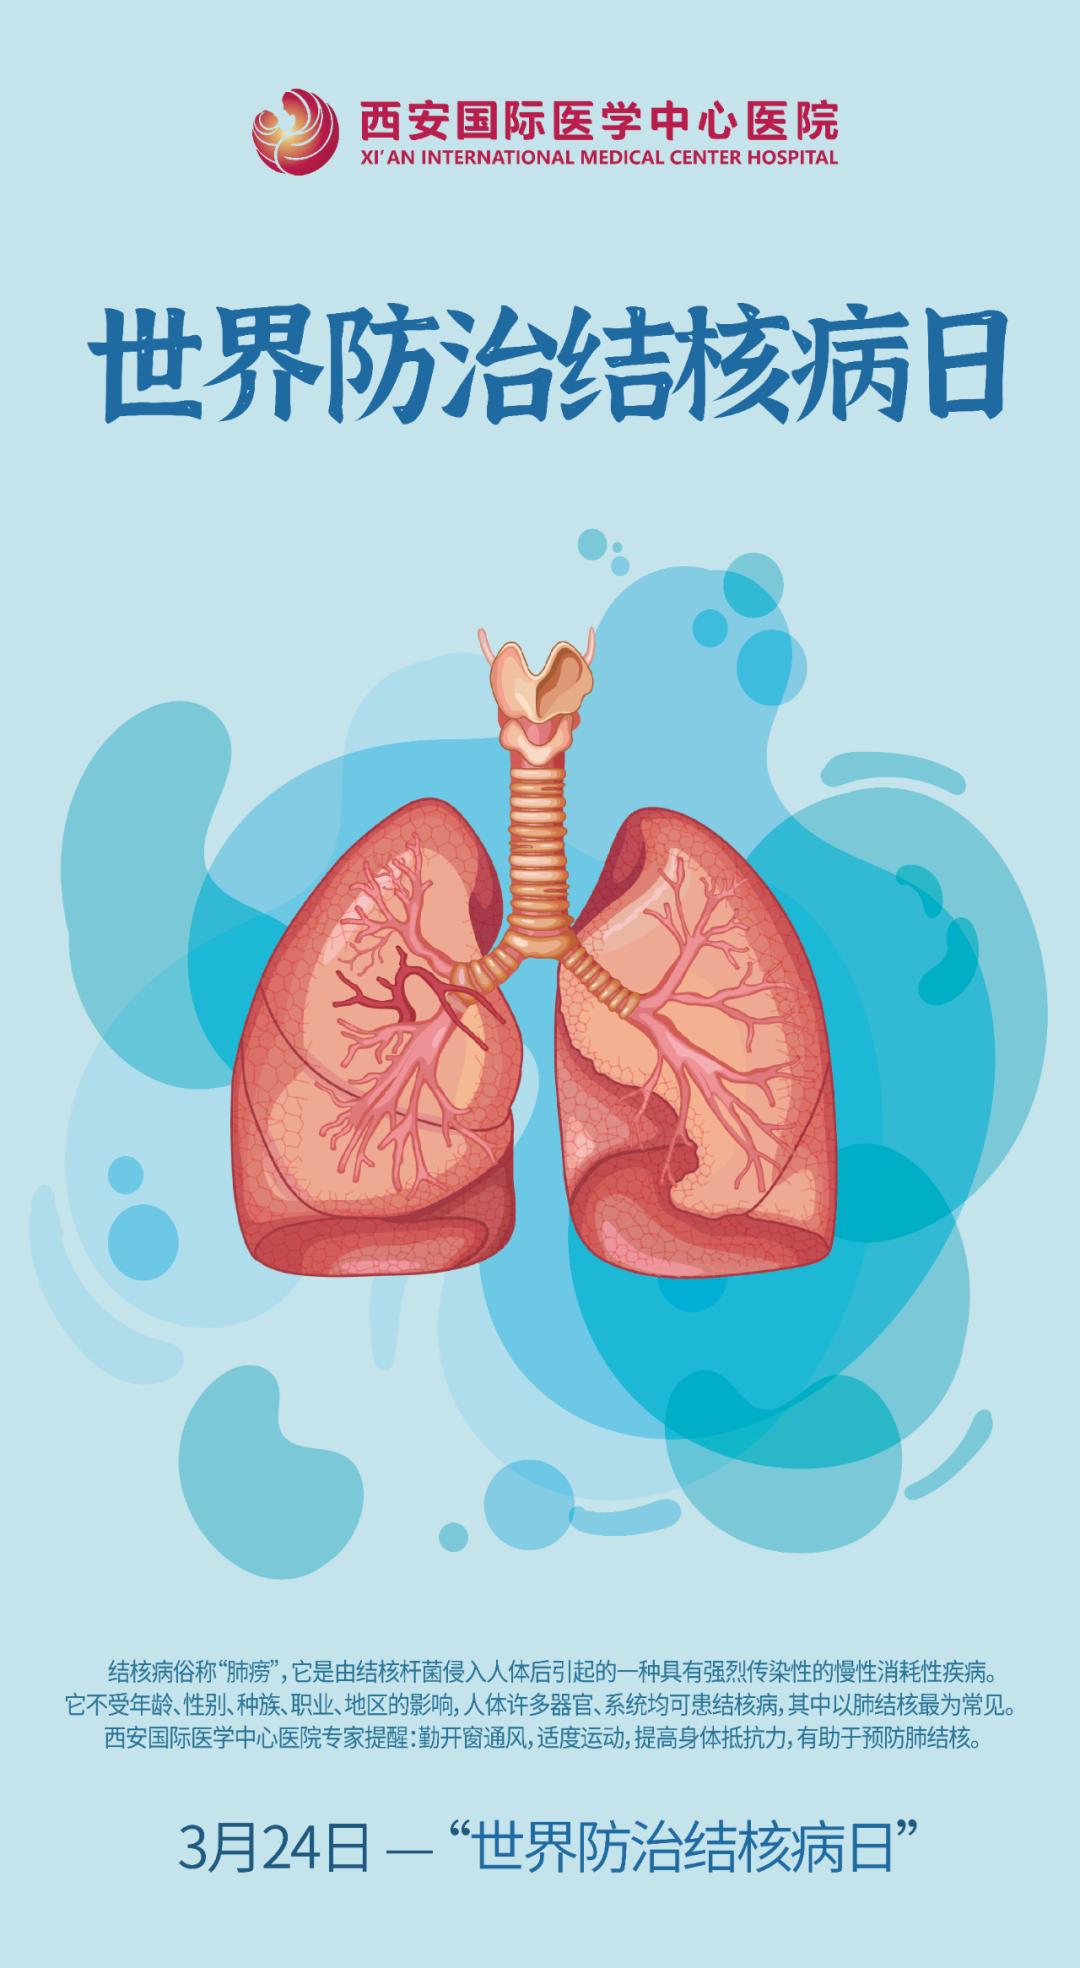 世界防治结核病日|终结结核流行 自由健康呼吸